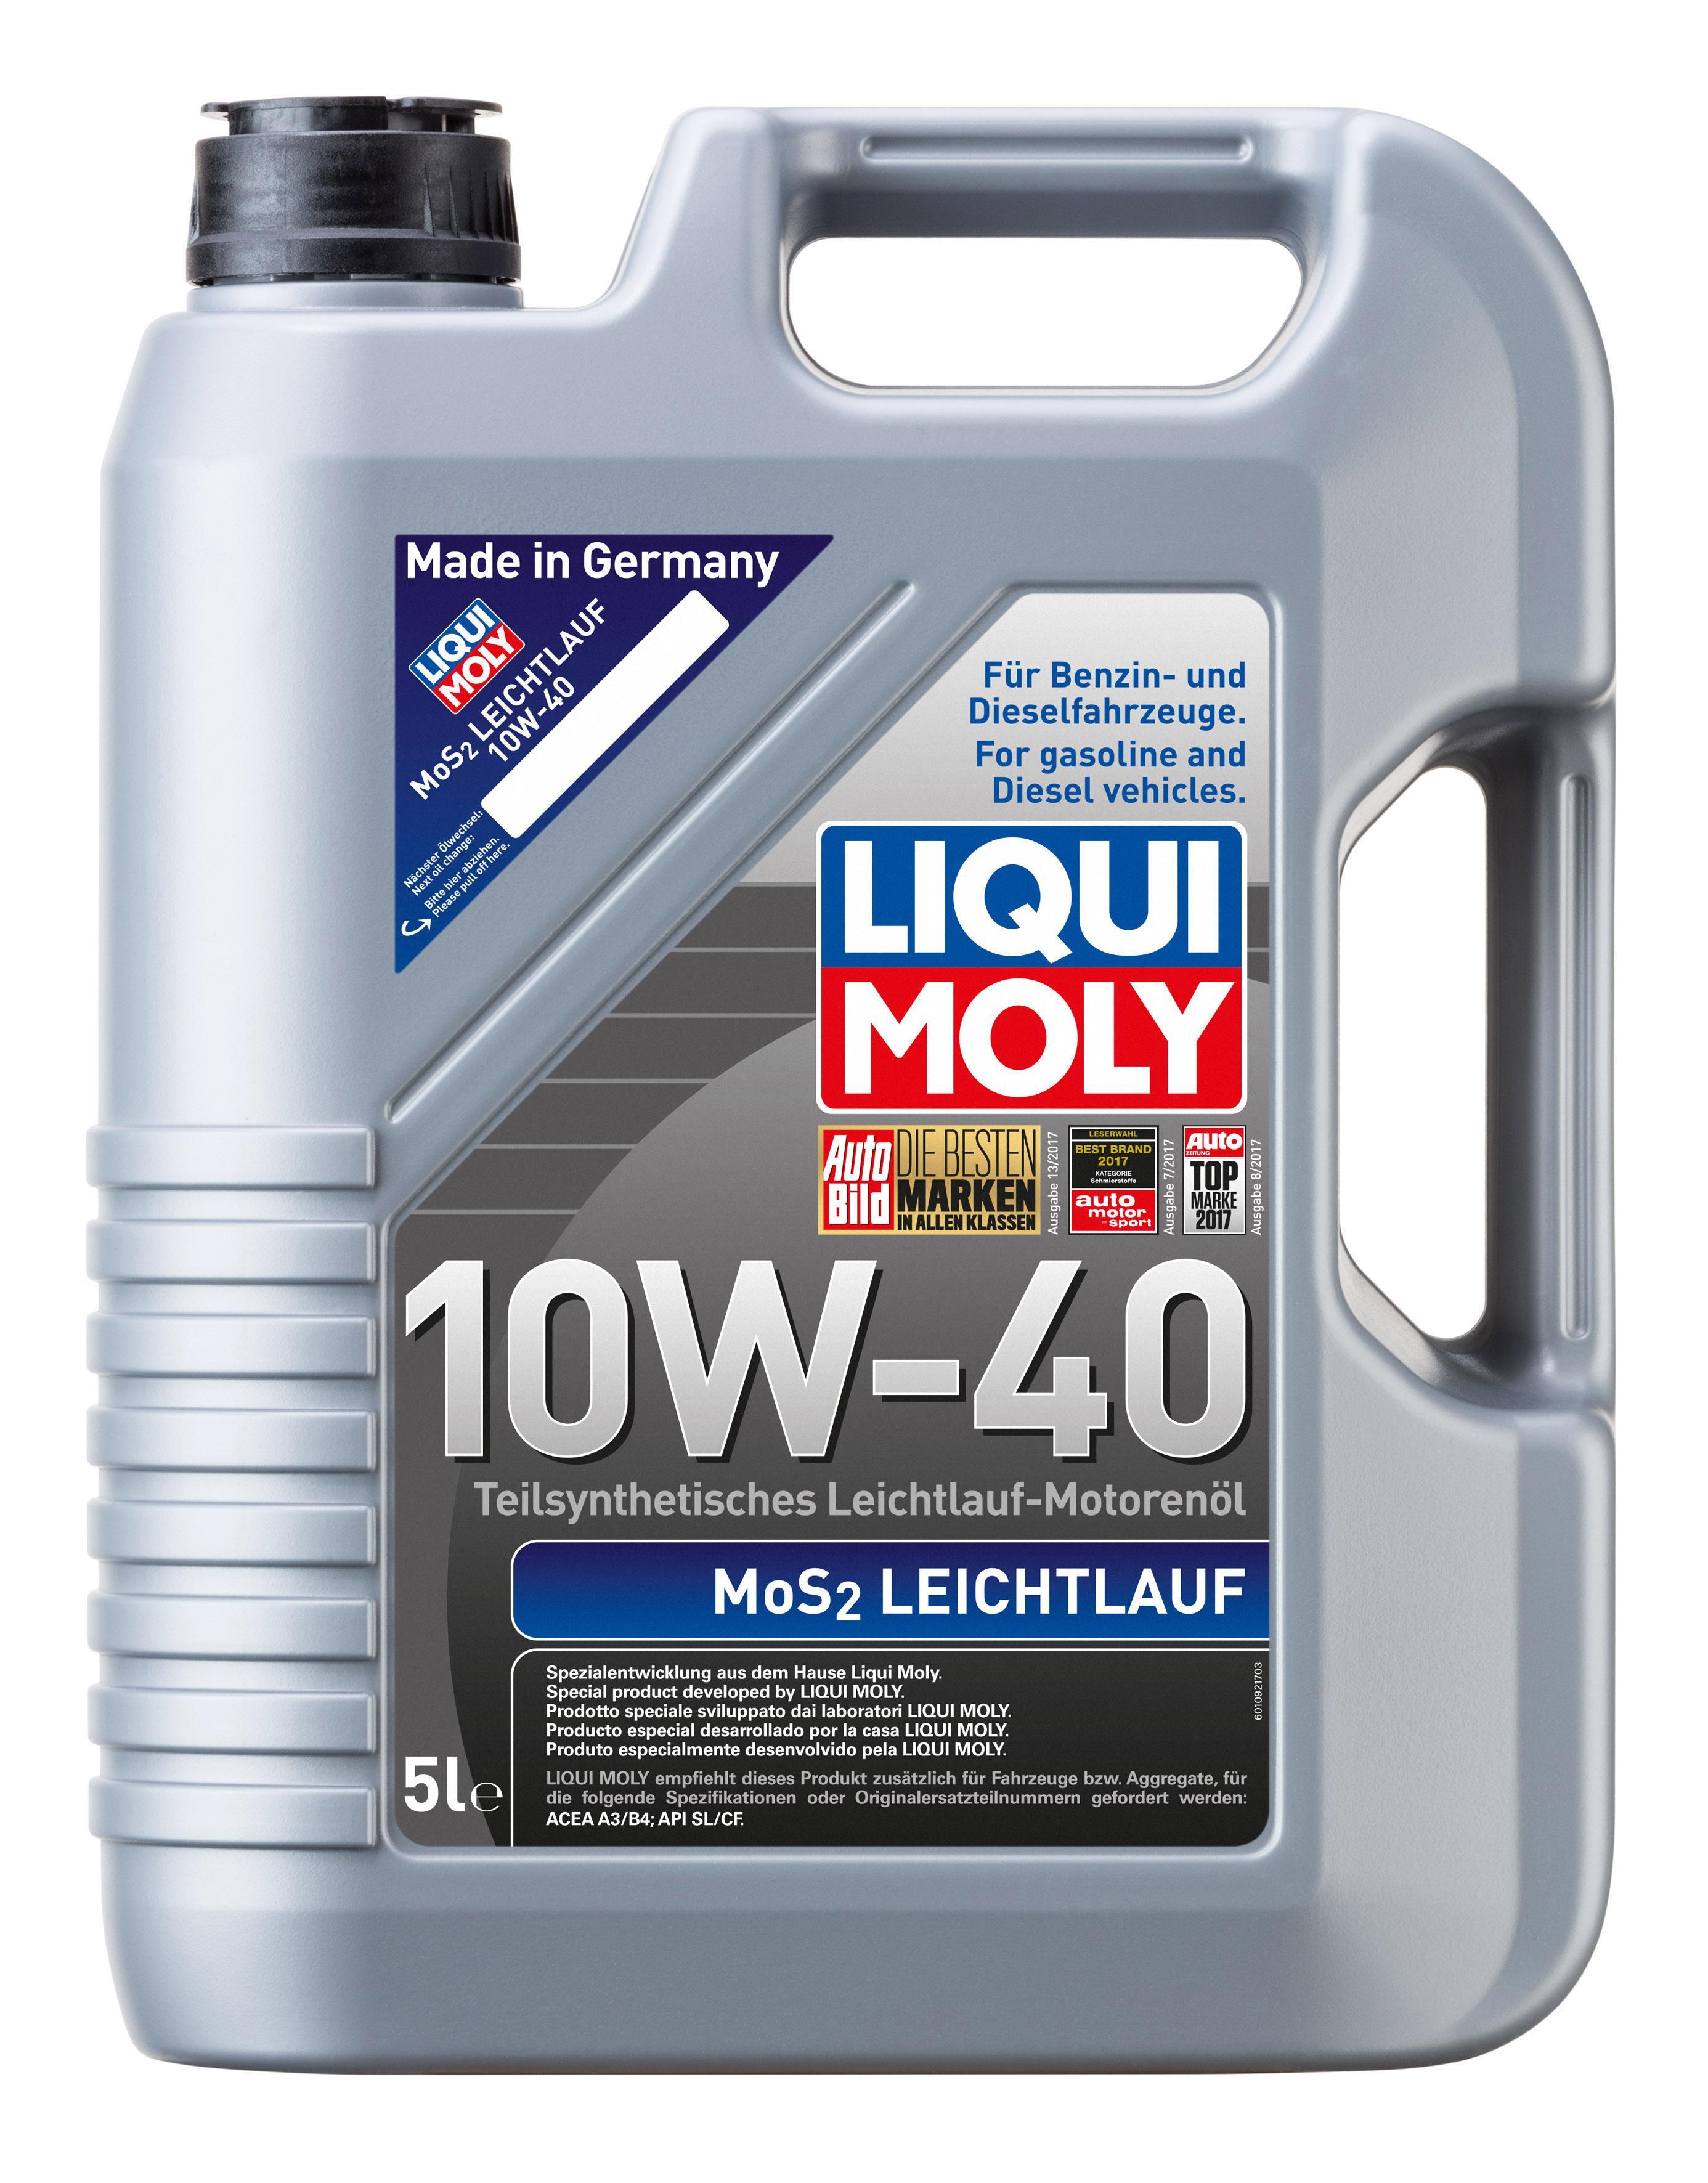 Achetez Huile moteur LIQUI MOLY 1092 () à un rapport qualité-prix exceptionnel